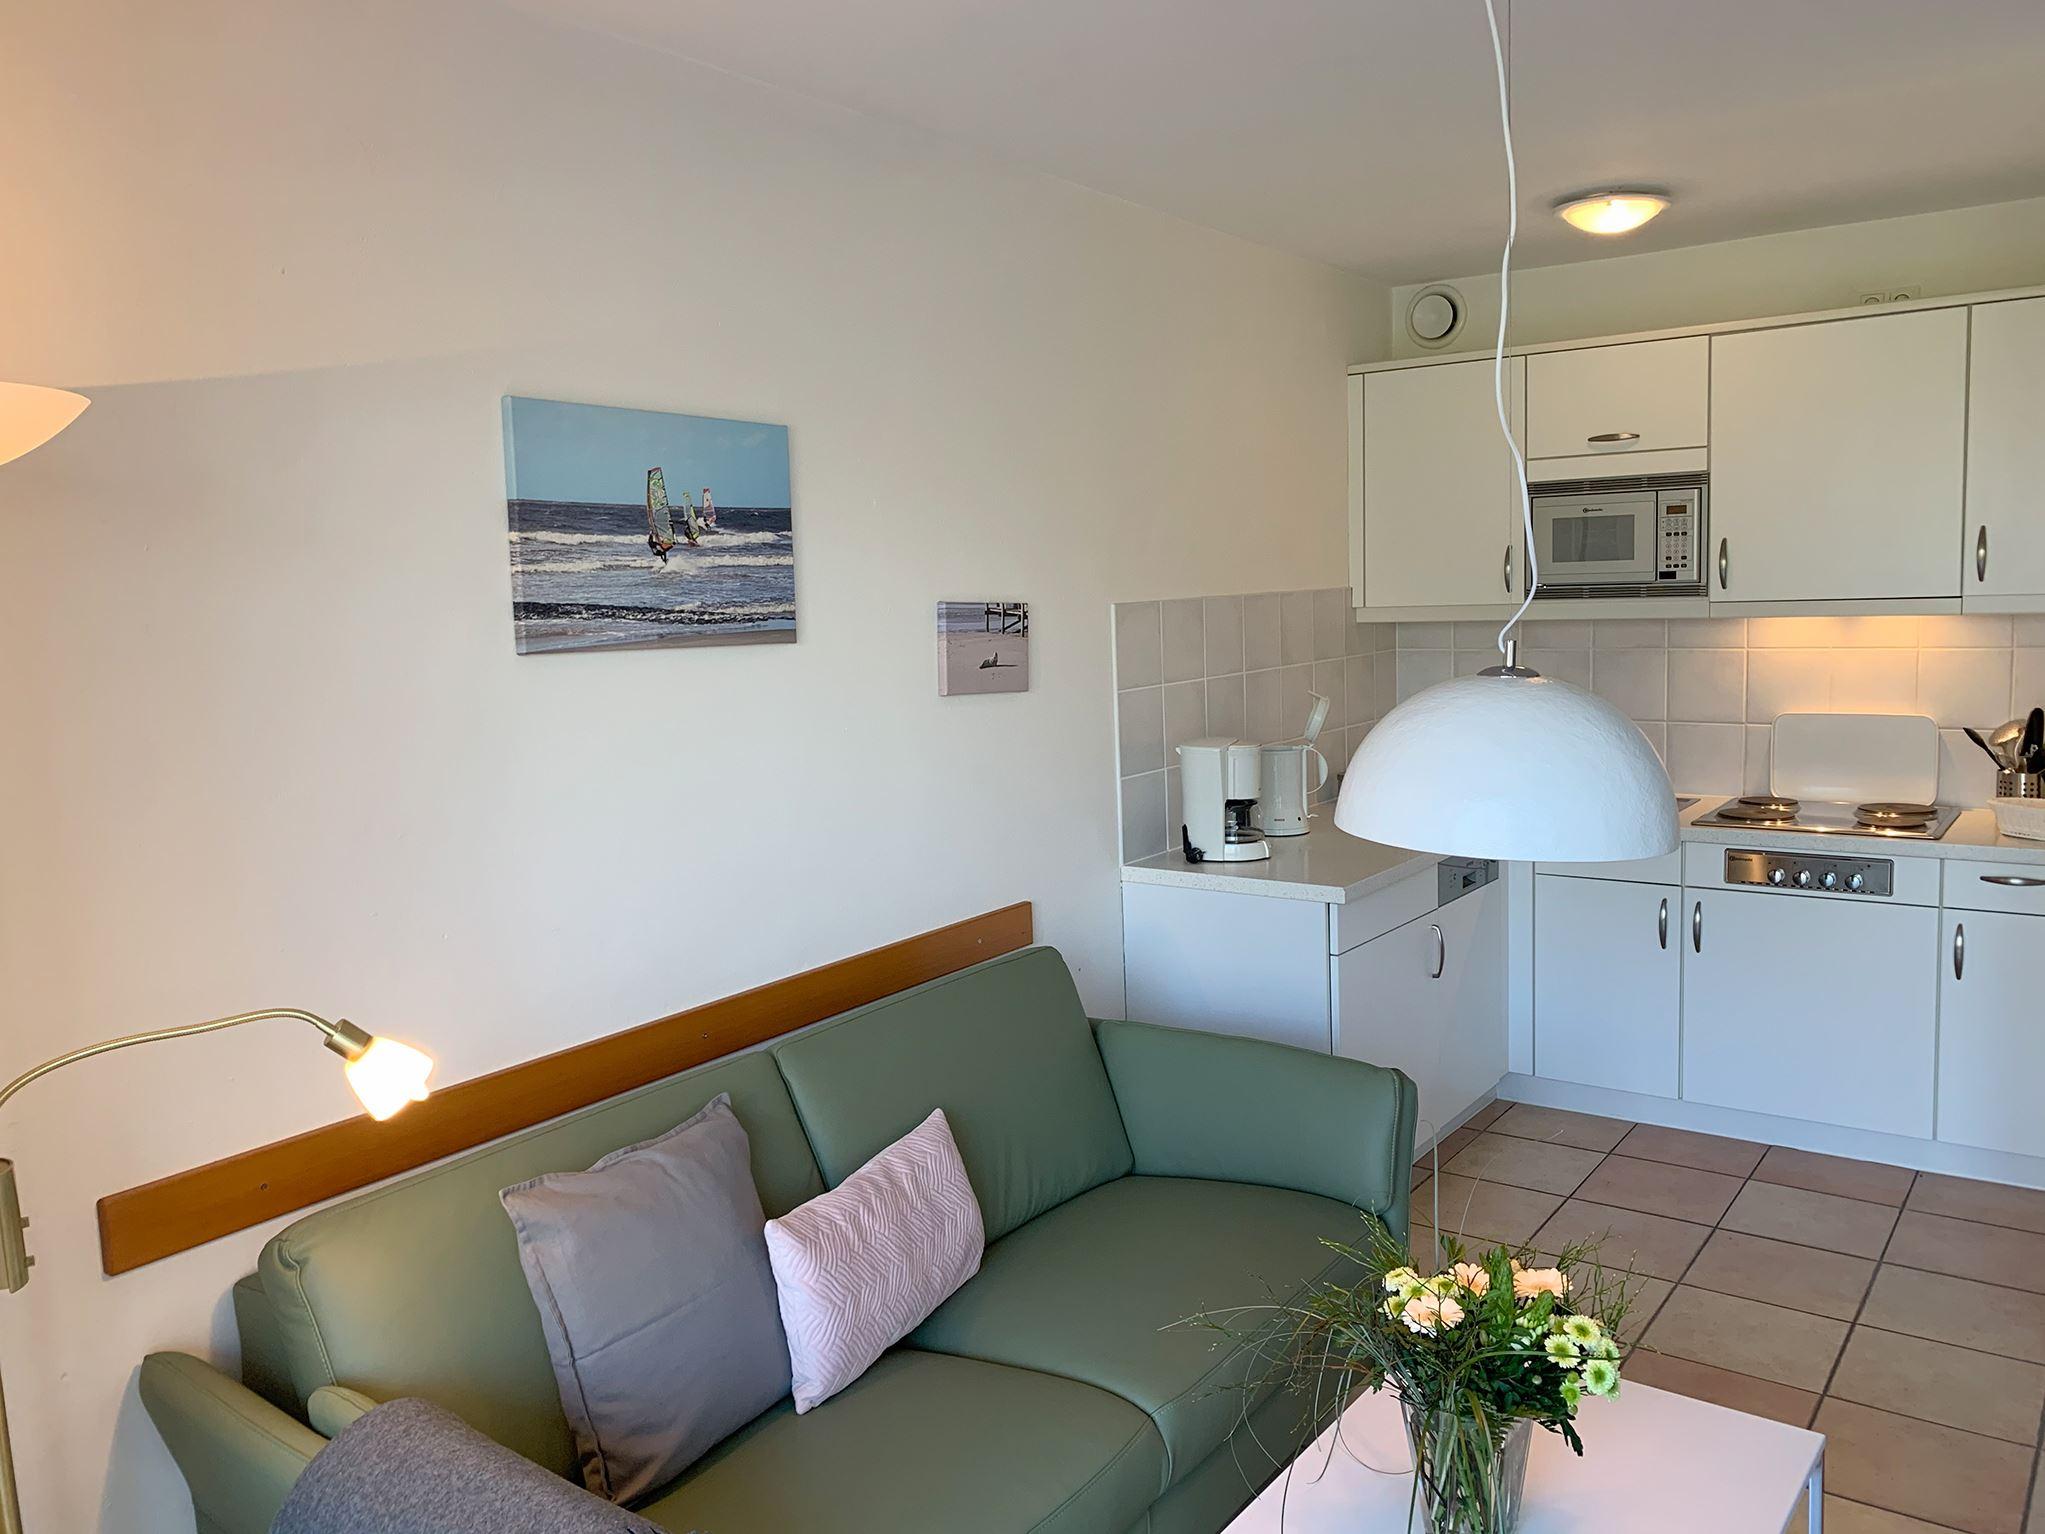 Helles 2 Personen Appartement mit Wintergarten und Zugang zum Garten; strandnah; Luna I Nr. 6